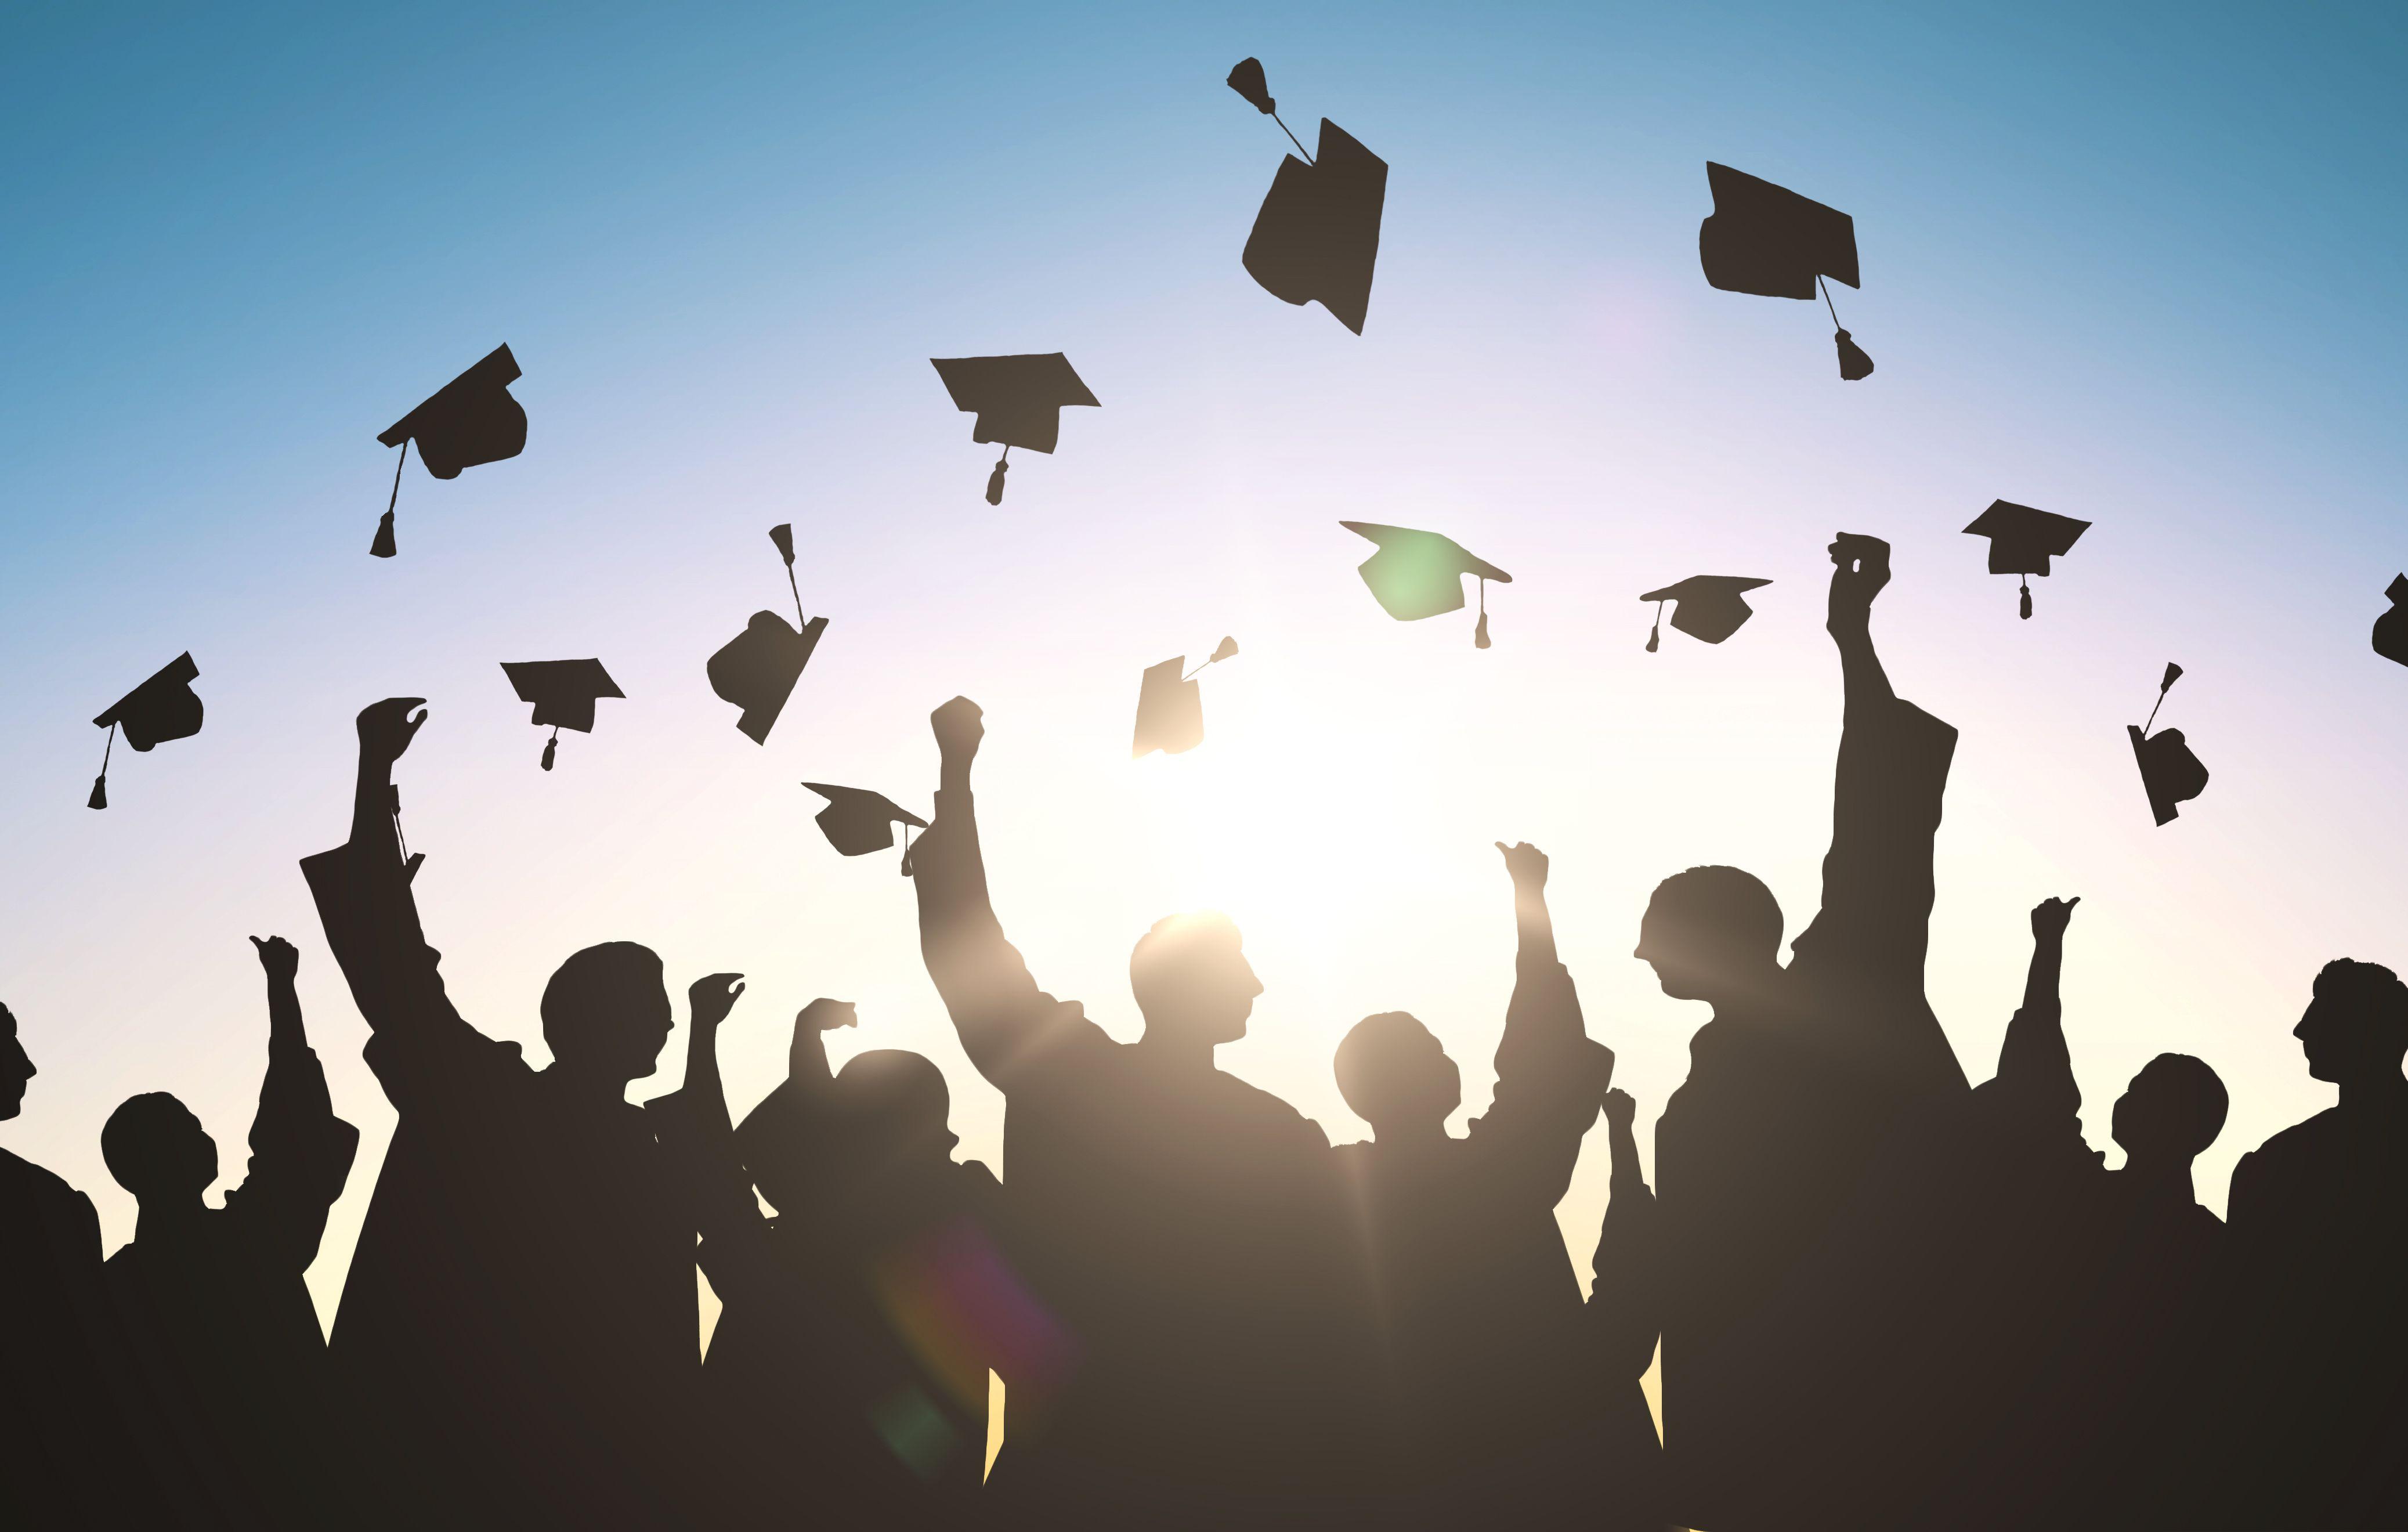 許多學校為了取得亮眼的畢業生就業率,竟強迫學生在畢業前就得提交就業證明。示意圖